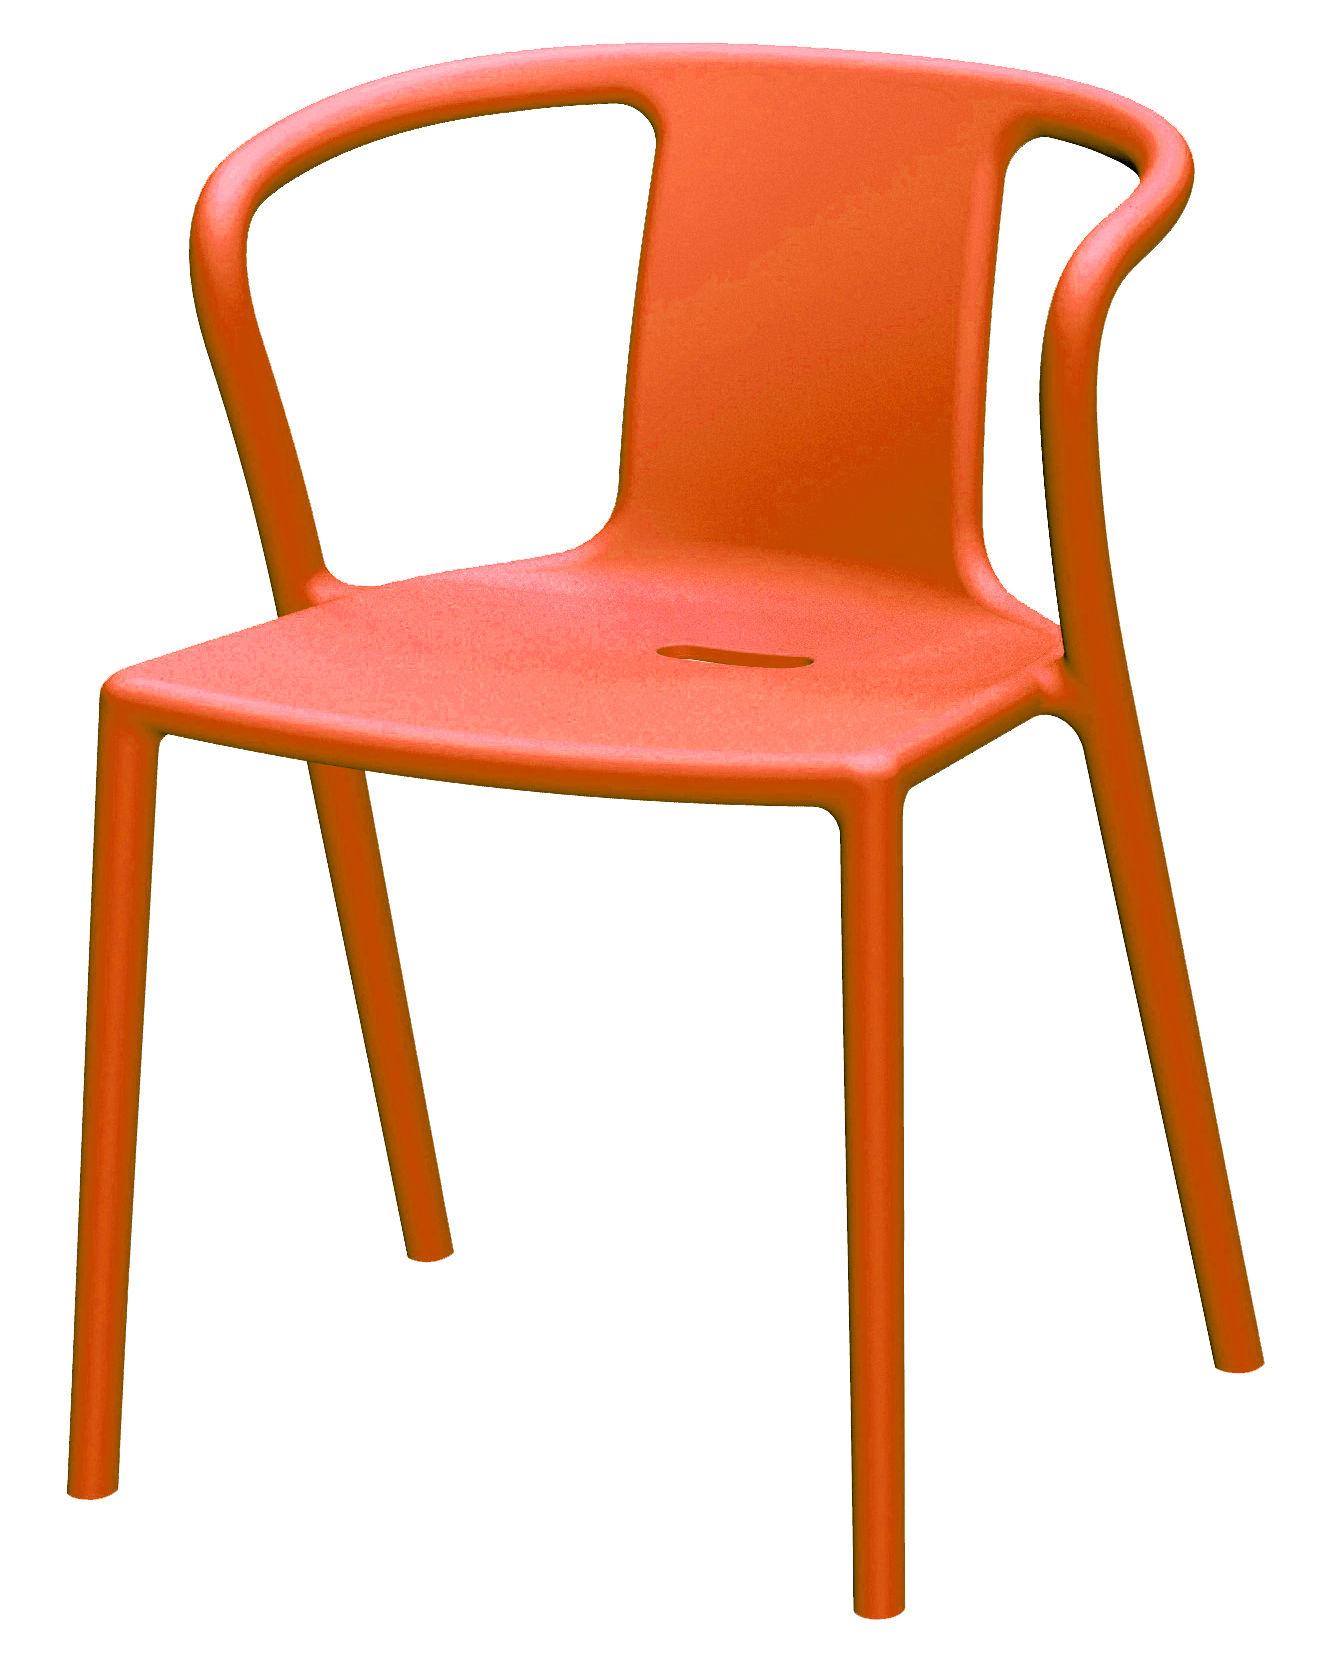 Mobilier - Chaises, fauteuils de salle à manger - Fauteuil empilable Air-Armchair / Polypropylène - Magis - Orange - Polypropylène